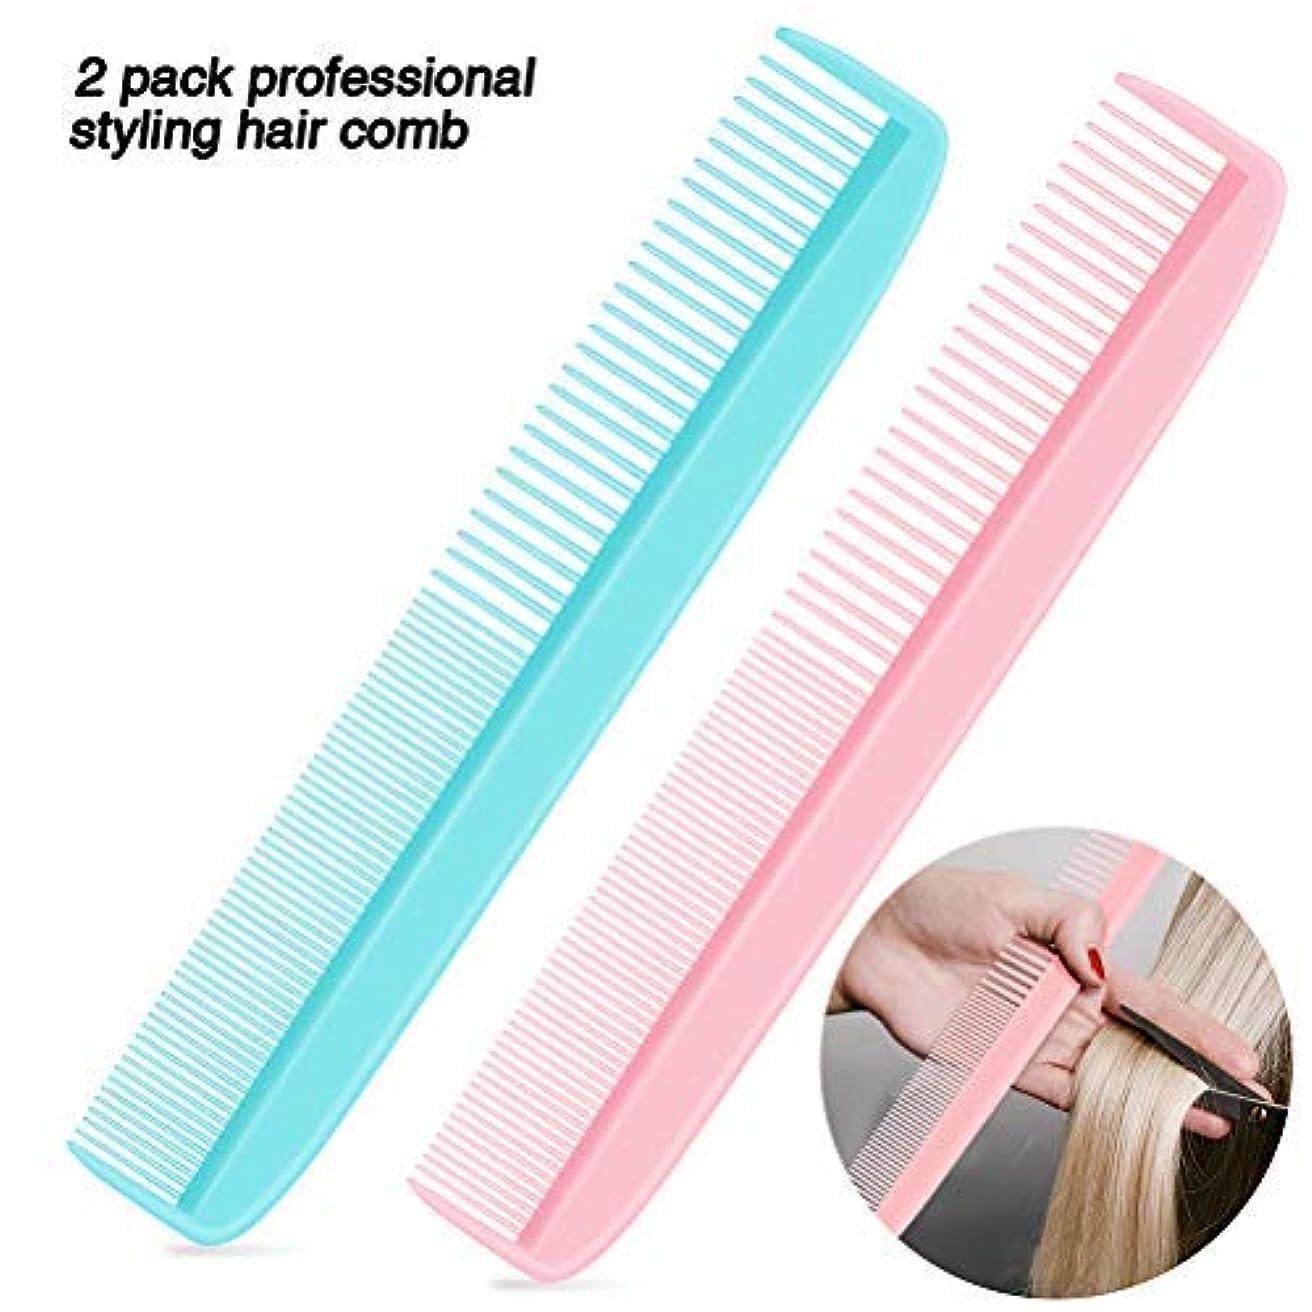 キャプション全員青写真2 Pack Anti-static Professional Styling Comb Hairdresser Barber Comb - 7 Inch Coarse/Fine Tooth Rake Comb [並行輸入品]